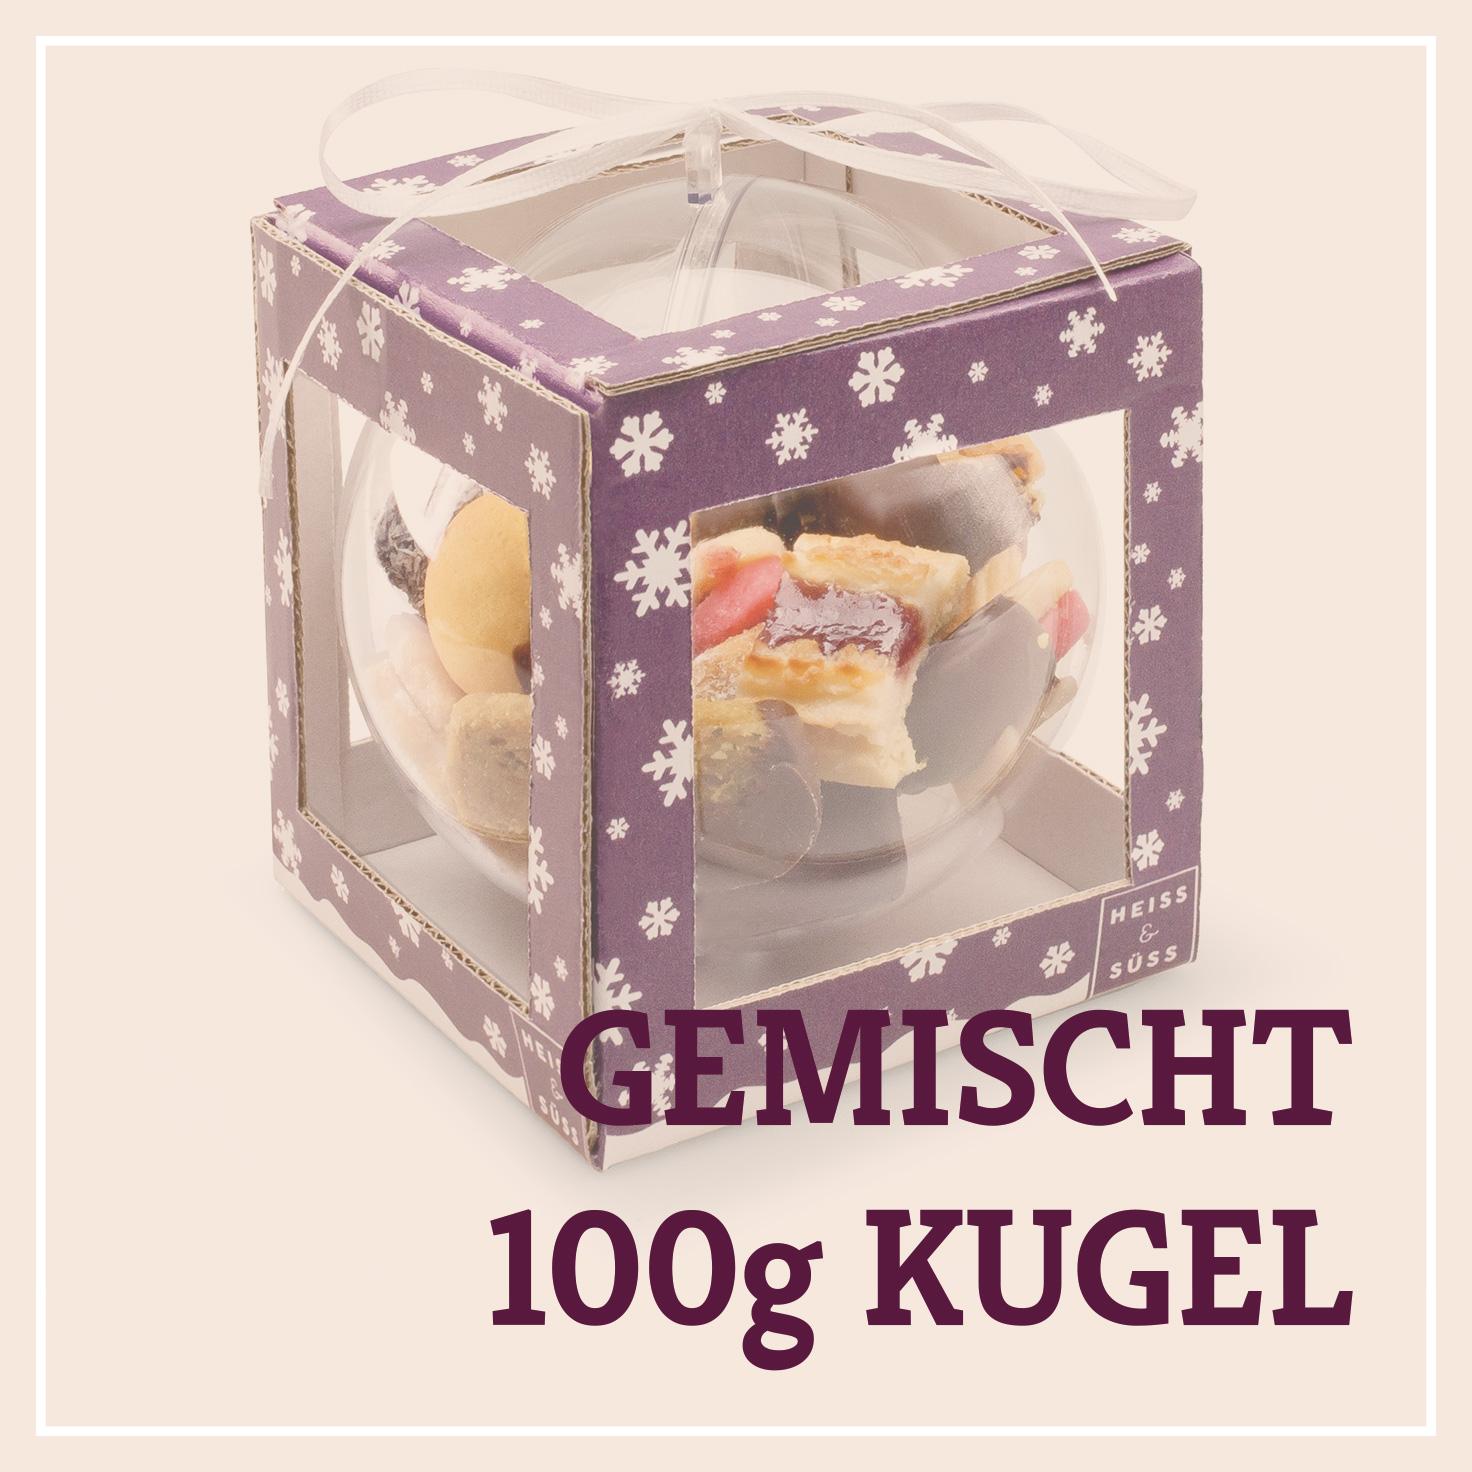 Heiss & Süß - Teebäckerei Kugel 100g